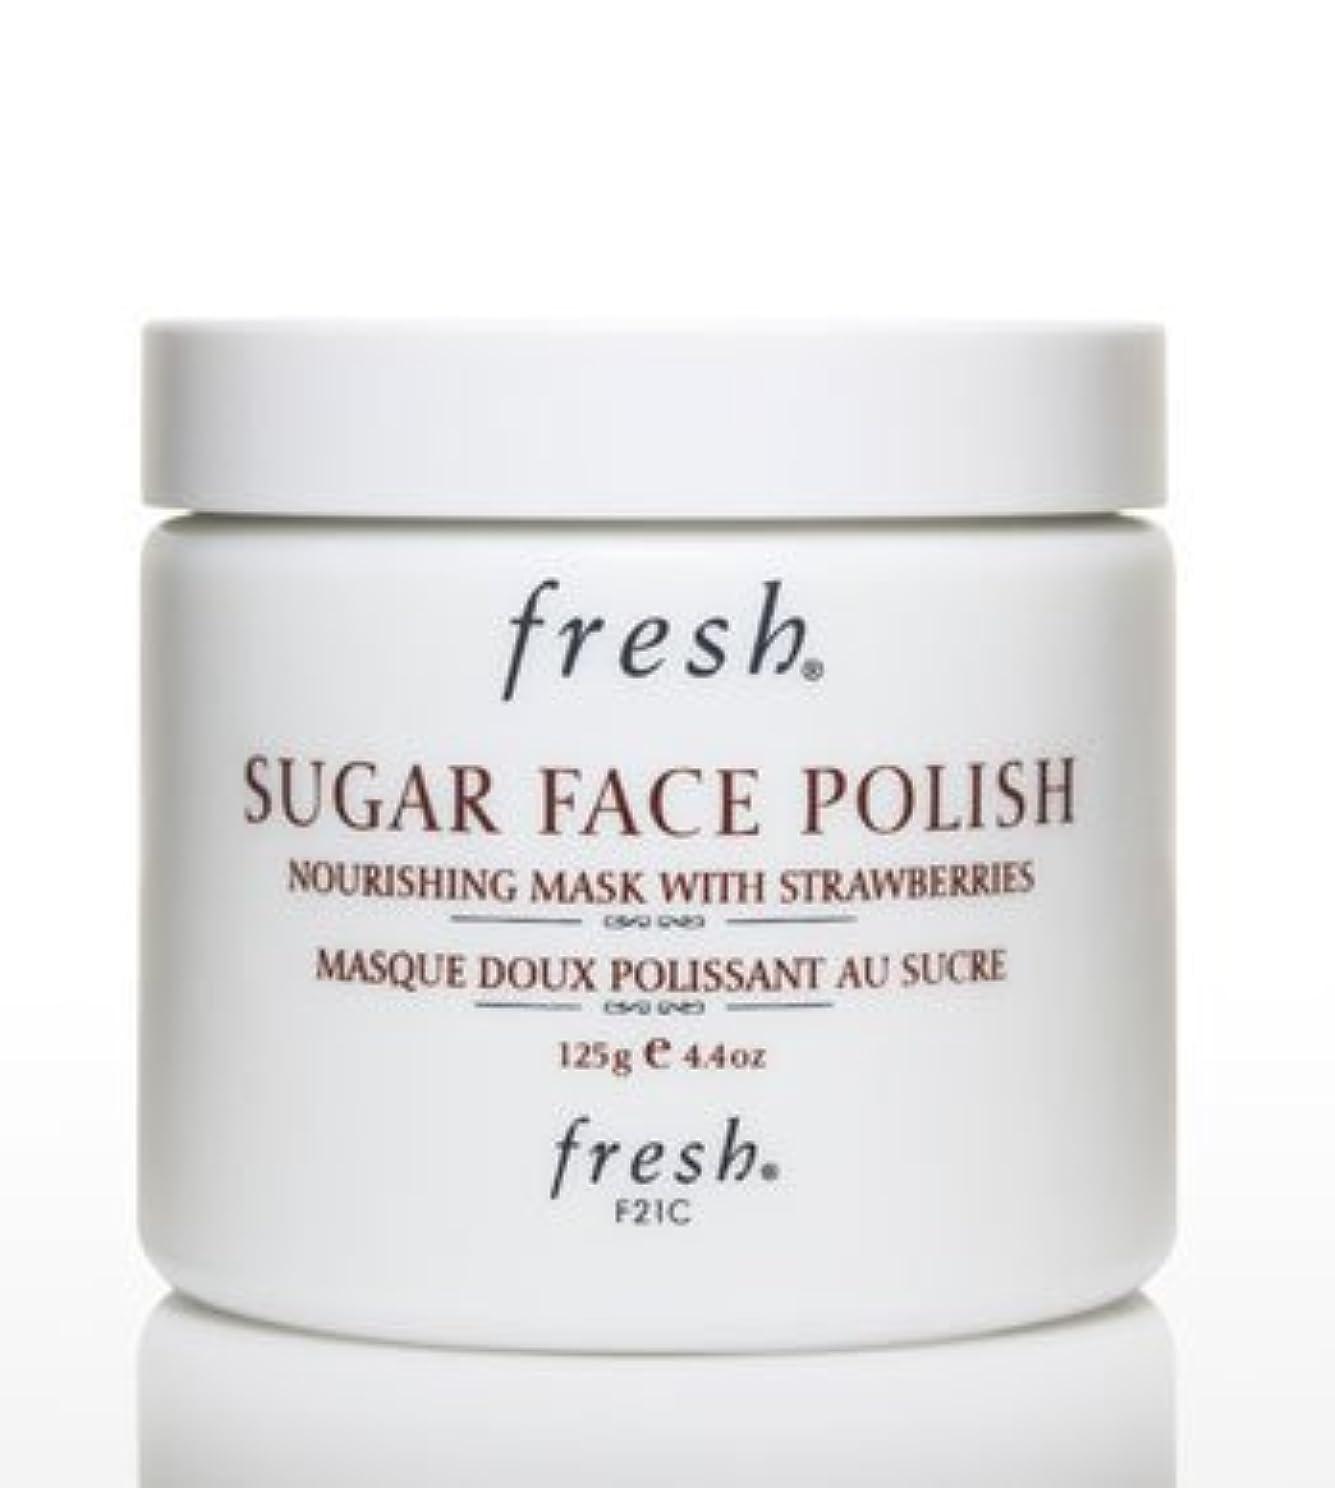 クレジット著作権グリットFresh SUGAR FACE POLISH (フレッシュ シュガーフェイスポリッシュ) 4.2 oz (125g) by Fresh for Women